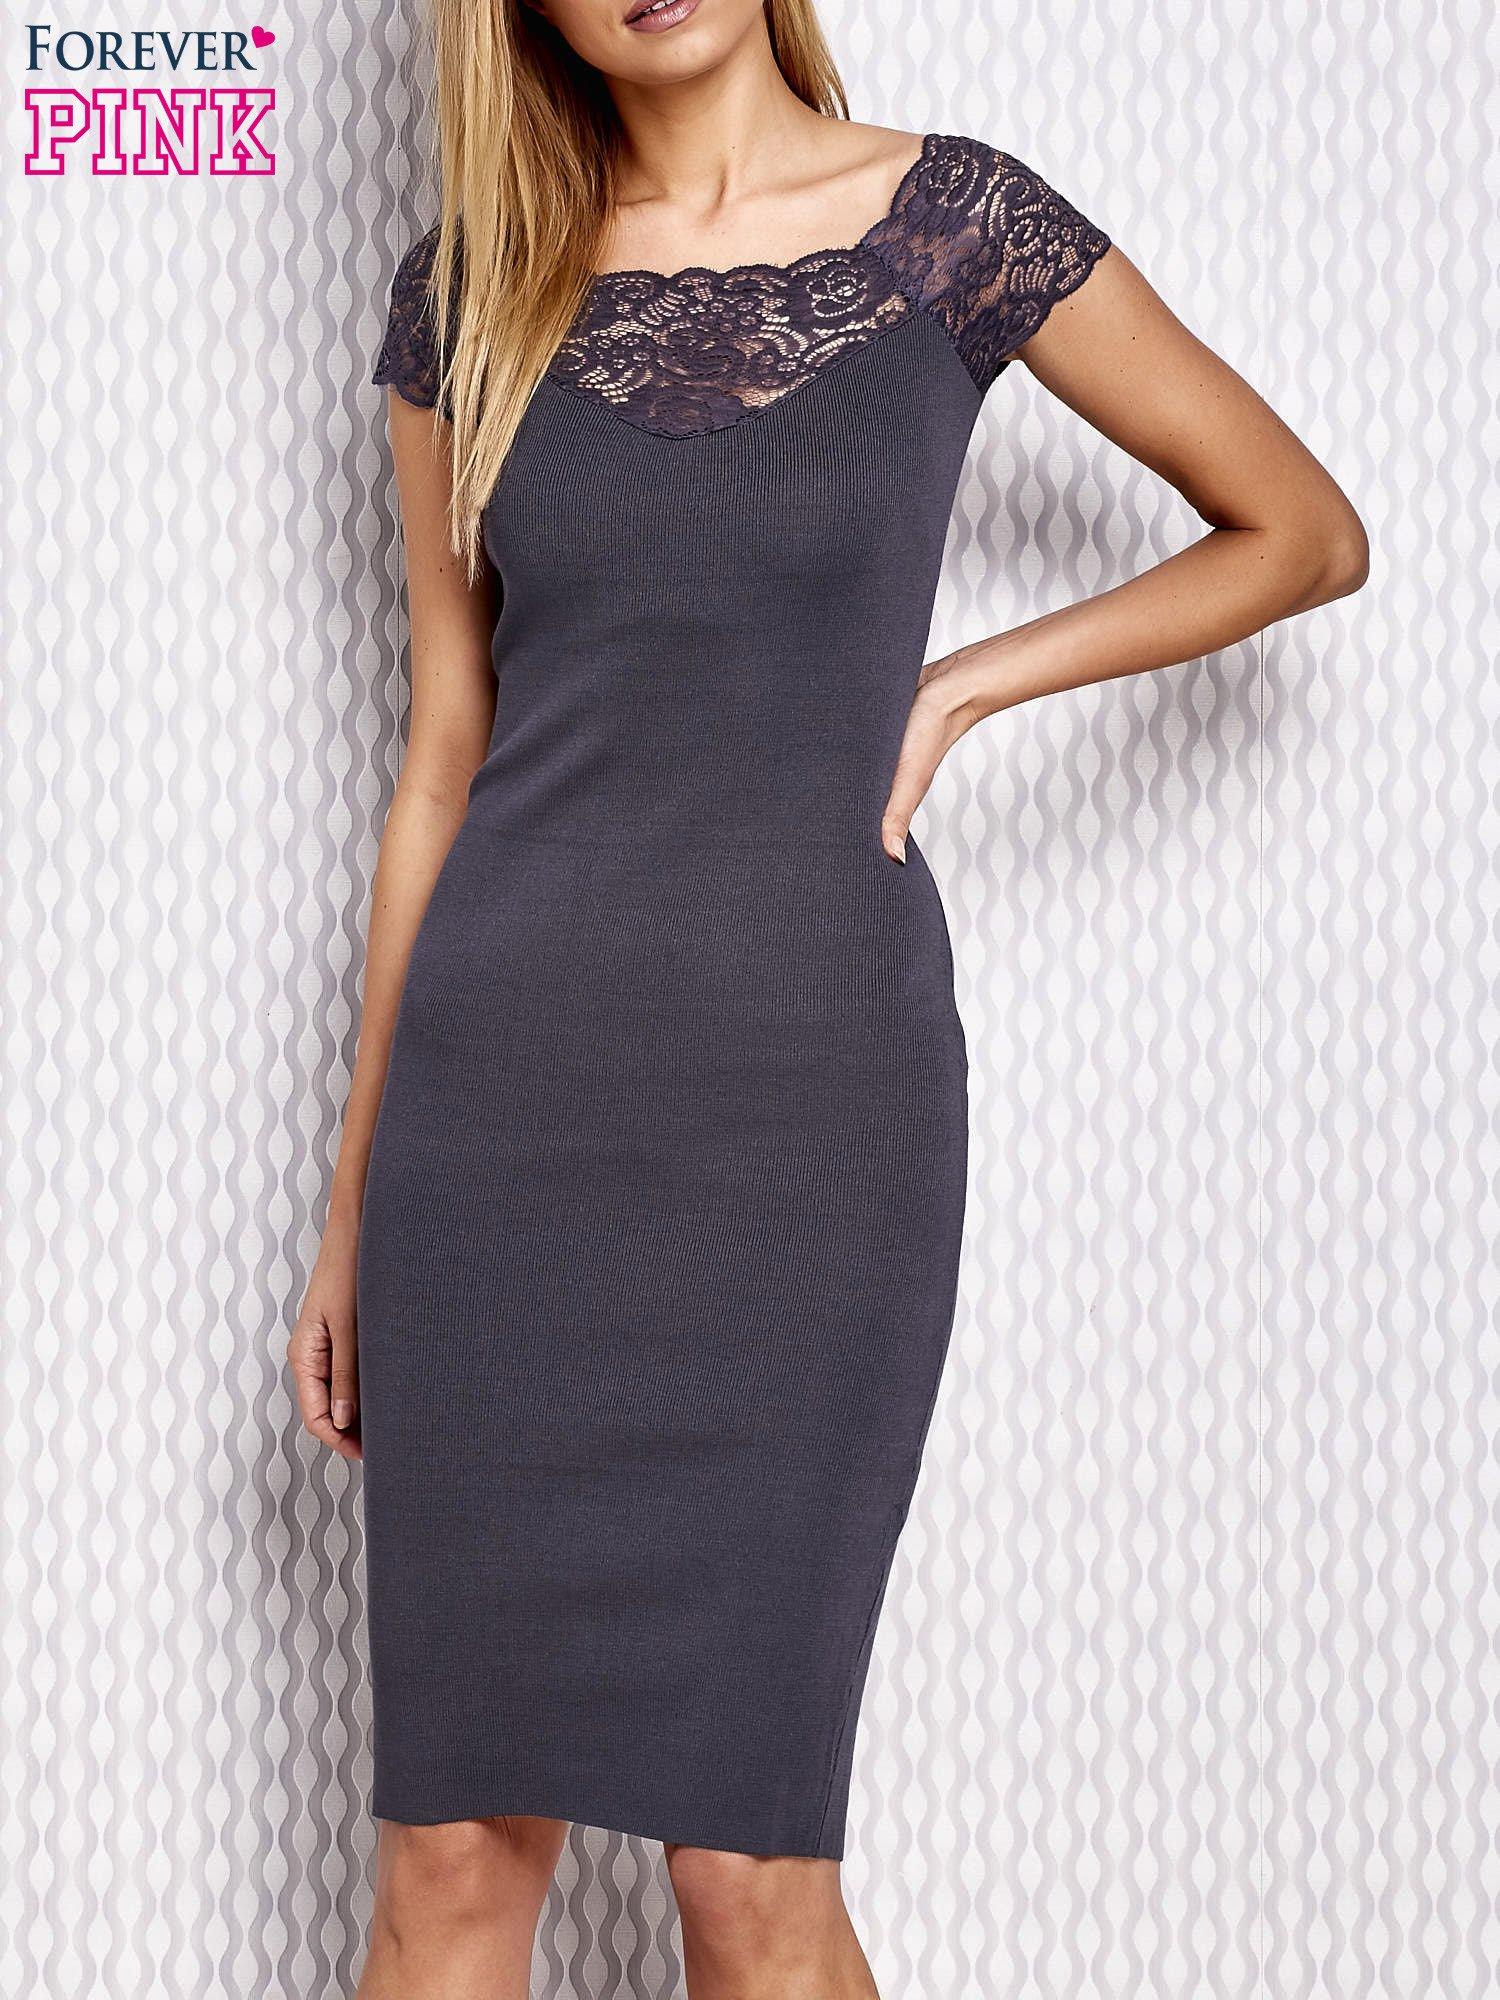 4fdbd72828 Dopasowana sukienka z koronkową wstawką szara - Sukienka wieczorowa ...